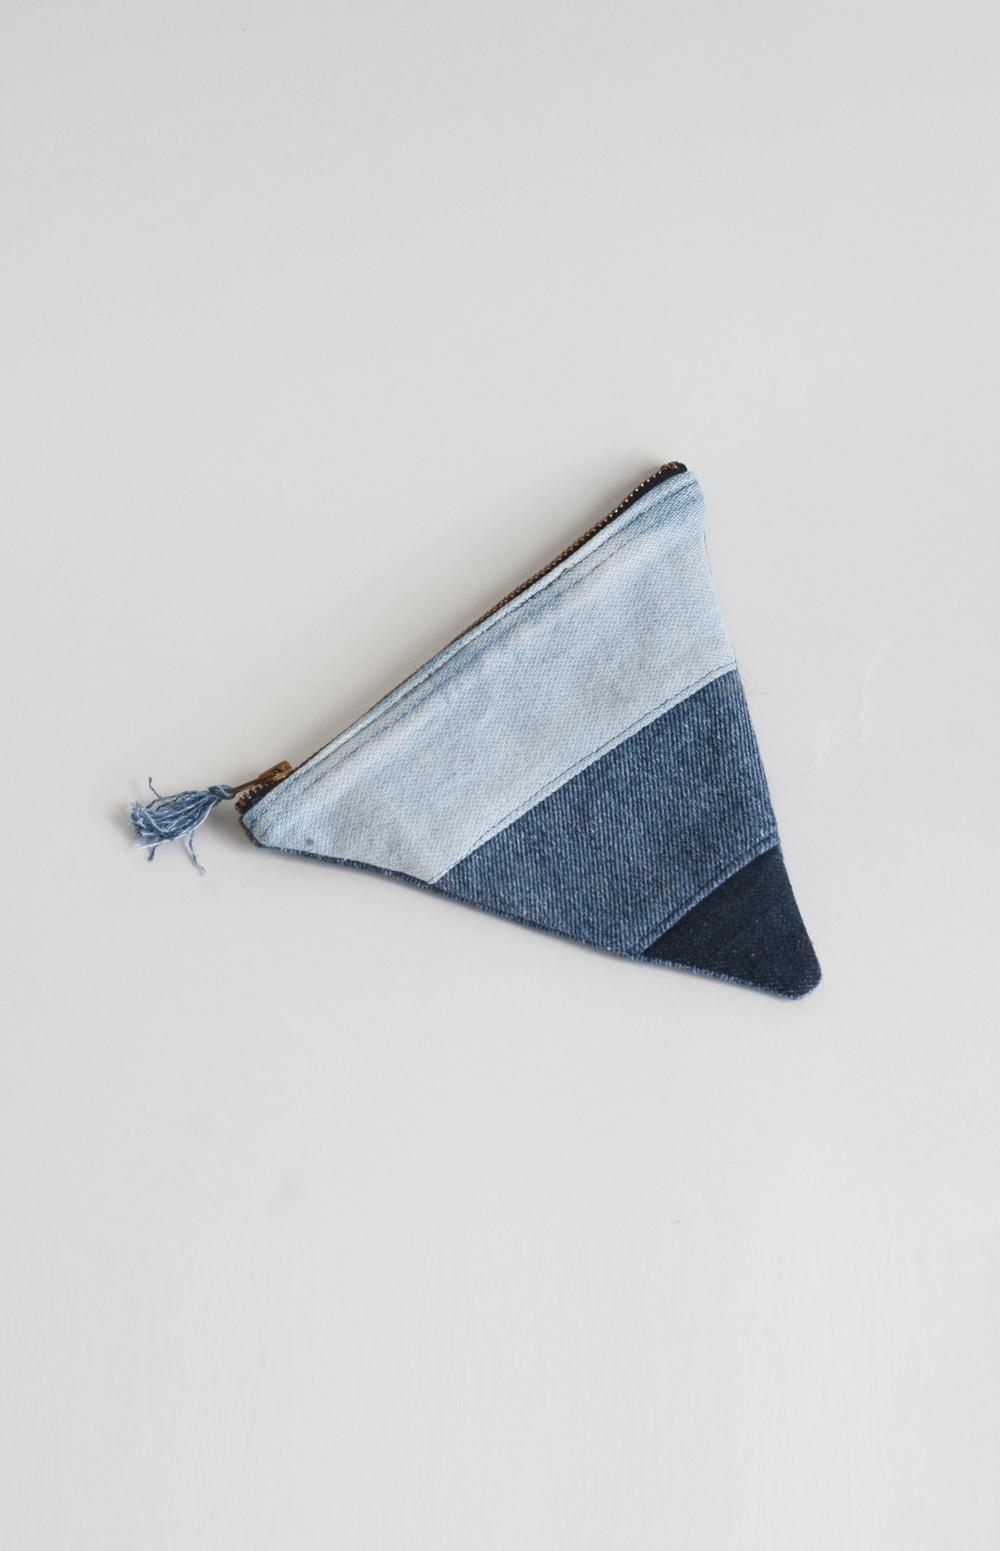 denim+triangle+pouch+copy.jpg